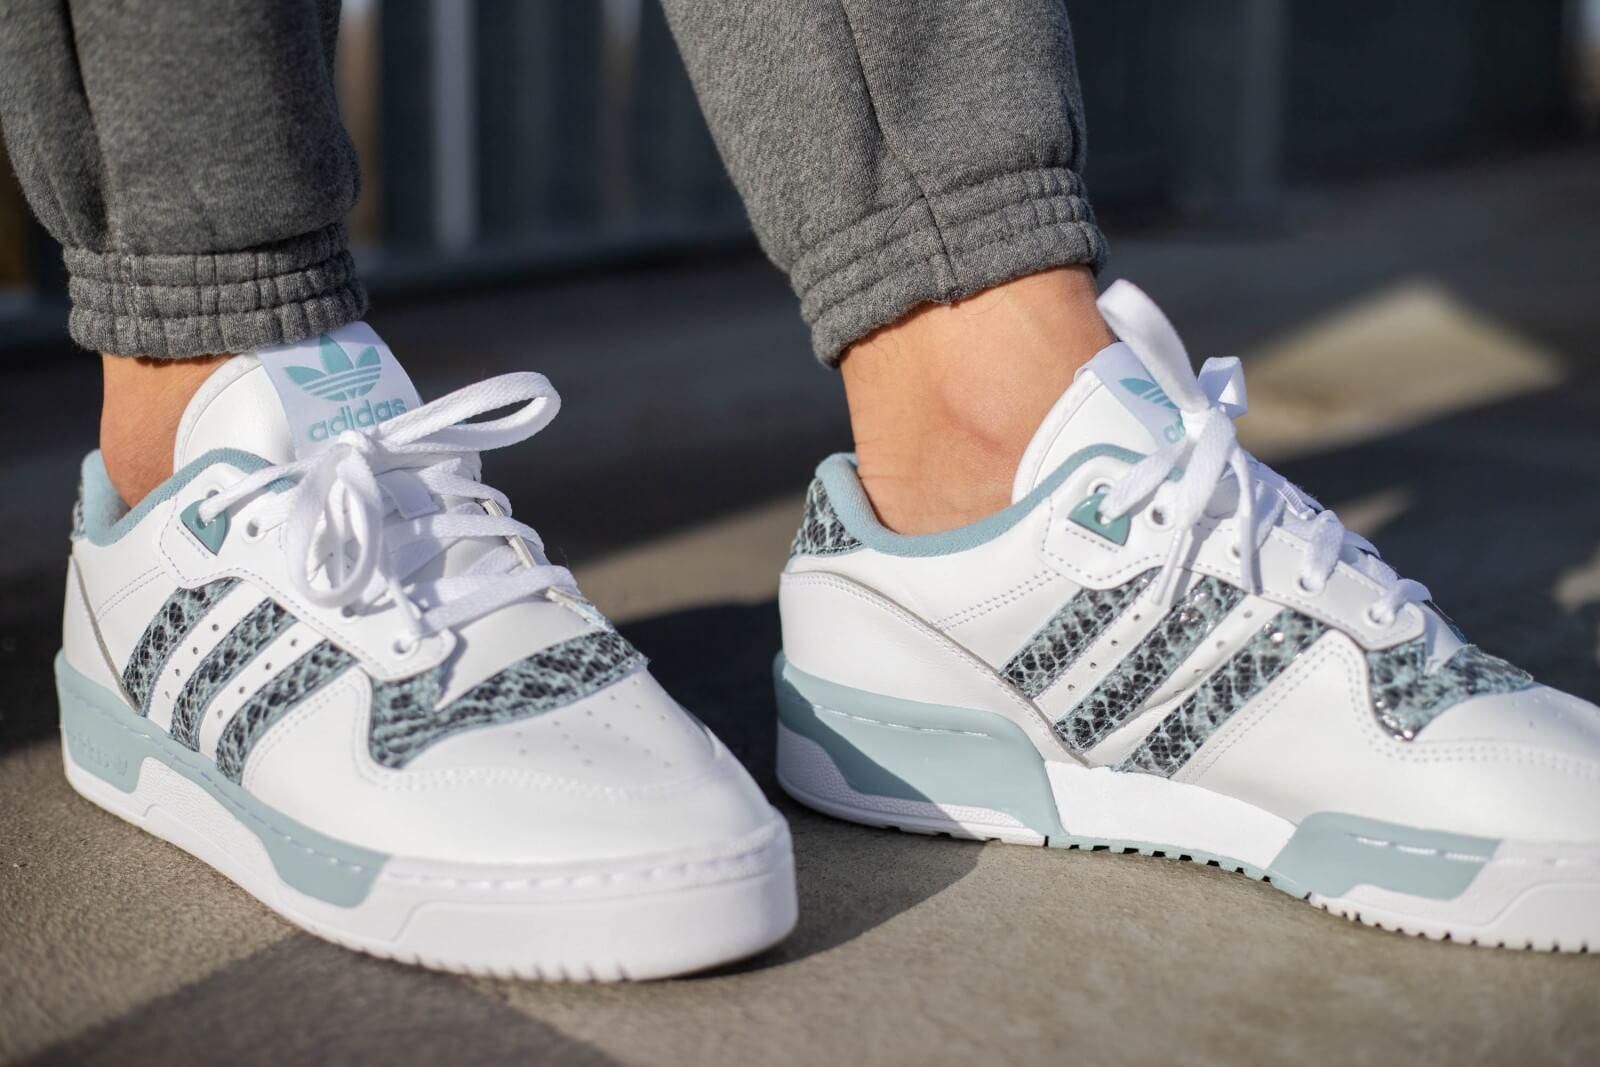 Adidas Rivalry Low Snakeskin Footwear WhiteAsh Grey EG7636